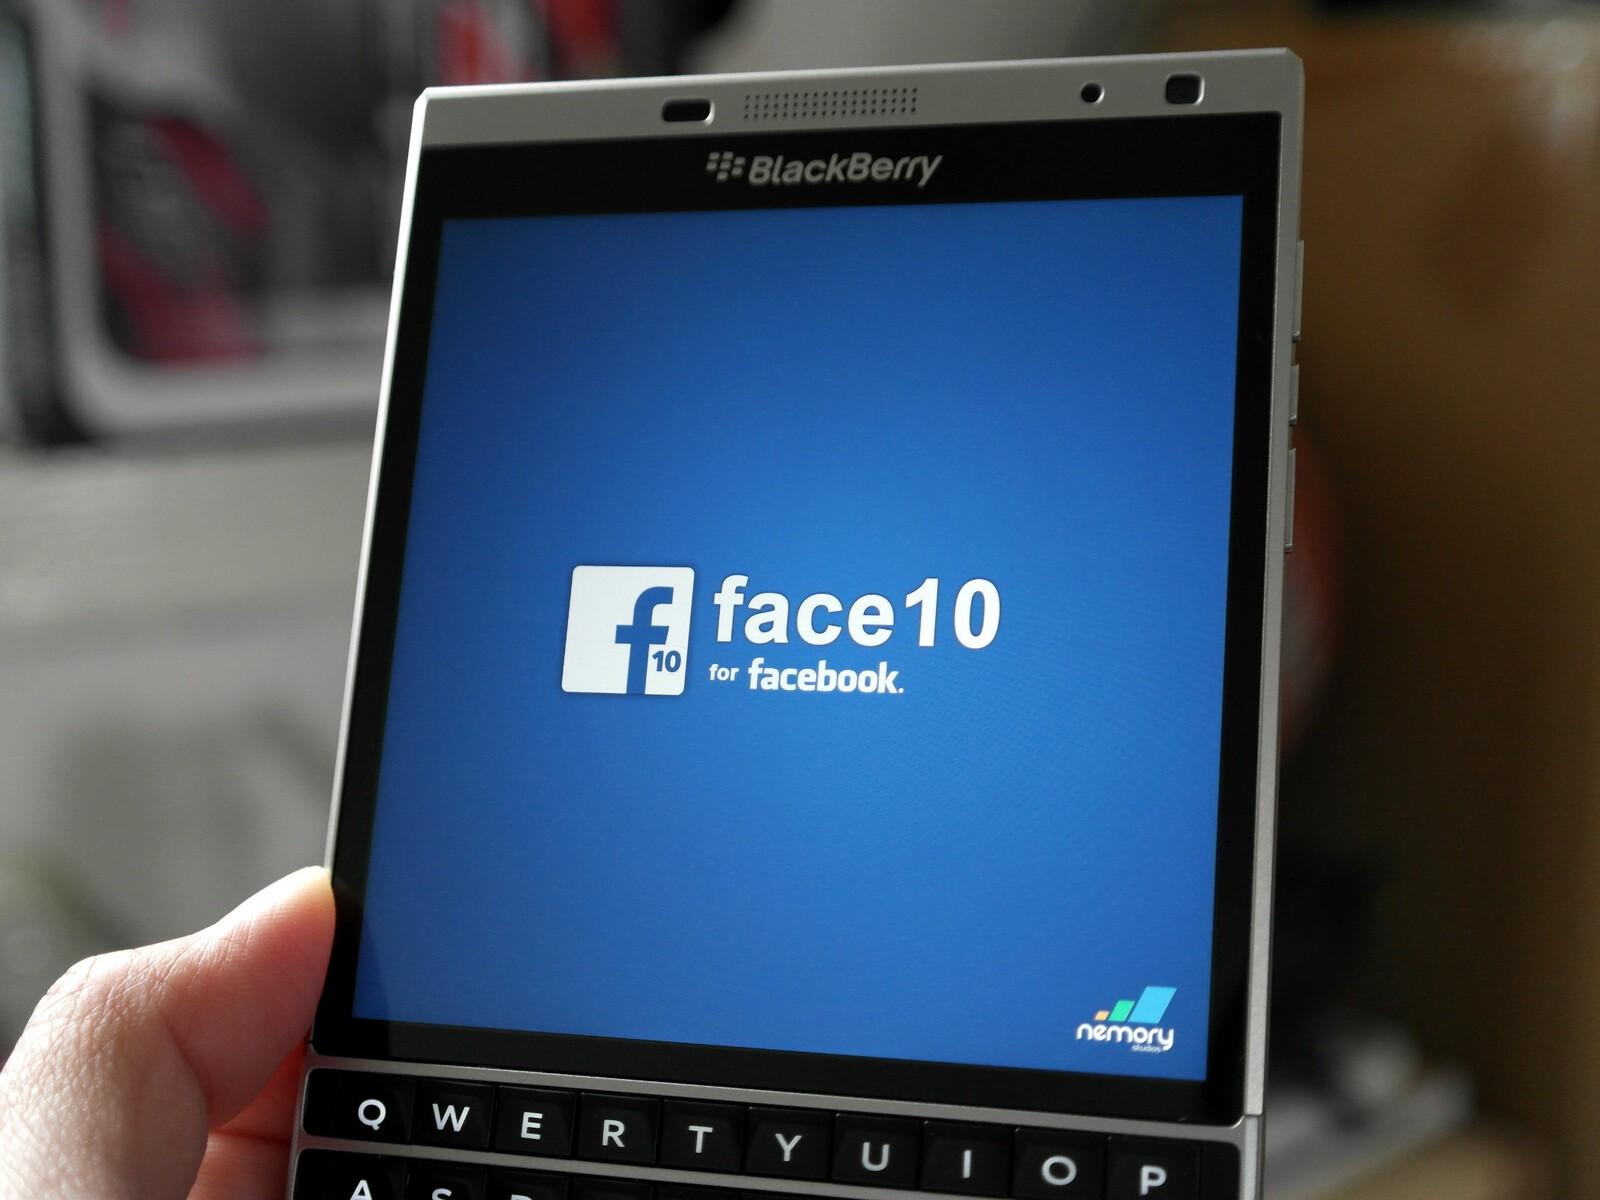 Facebook v4. 1. 0. 19 for bb os6. 0 apps free blackberry apps download.